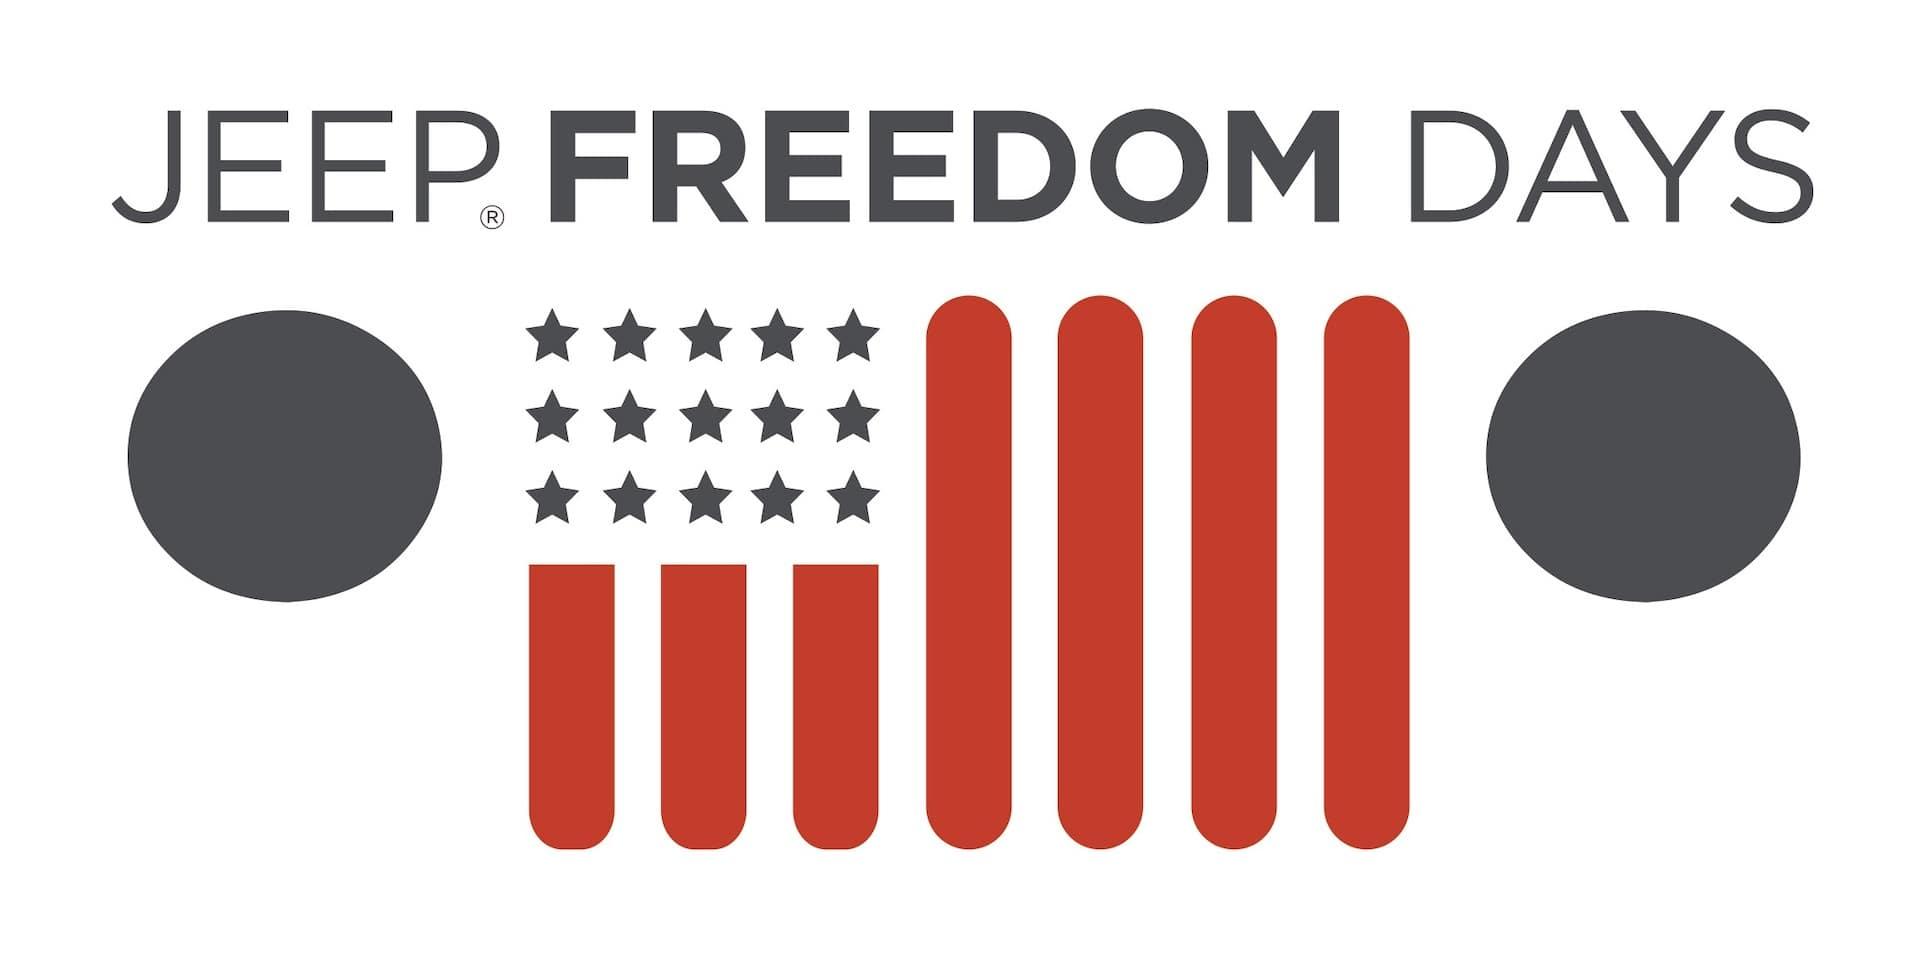 CHR_21_Jeep_FreedomDays_4C